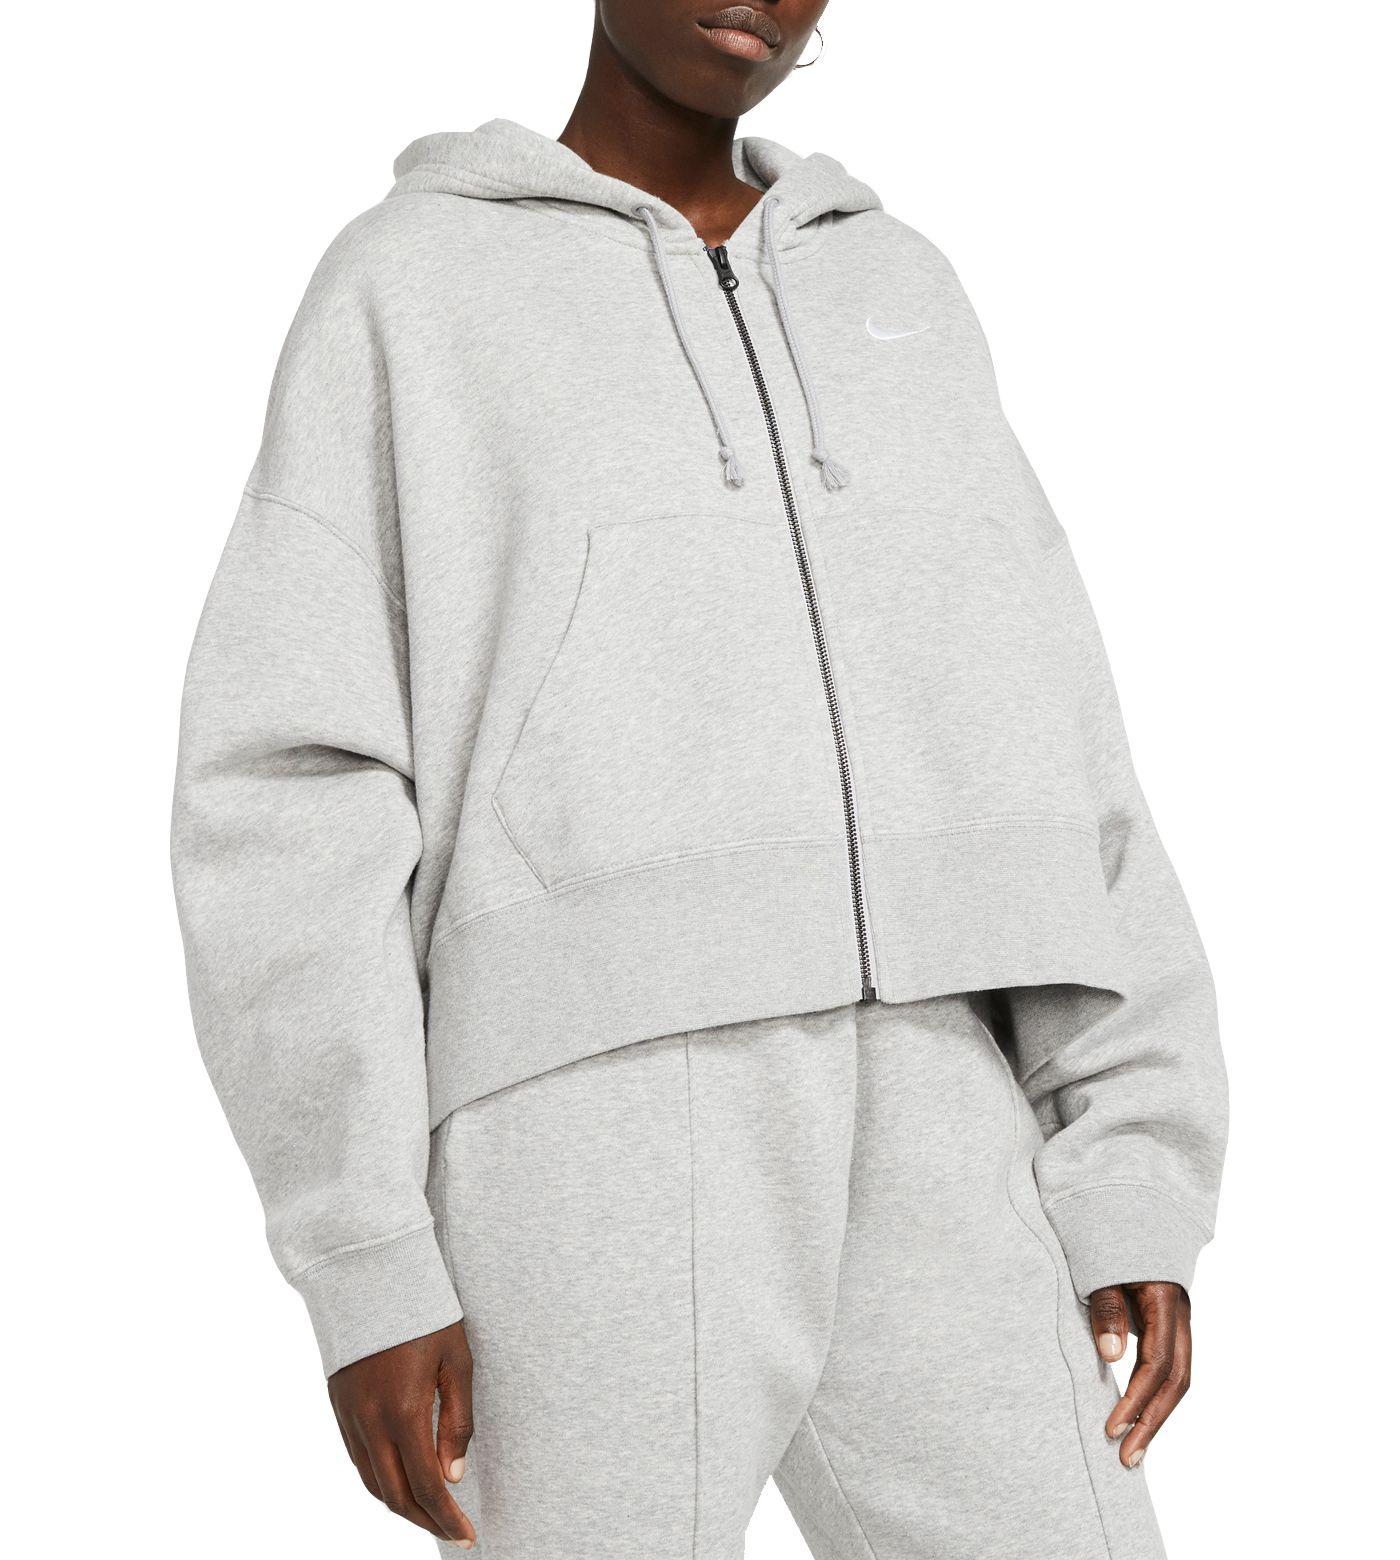 Nike Sportswear Women's Essentials Full Zip Fleece Hoodie